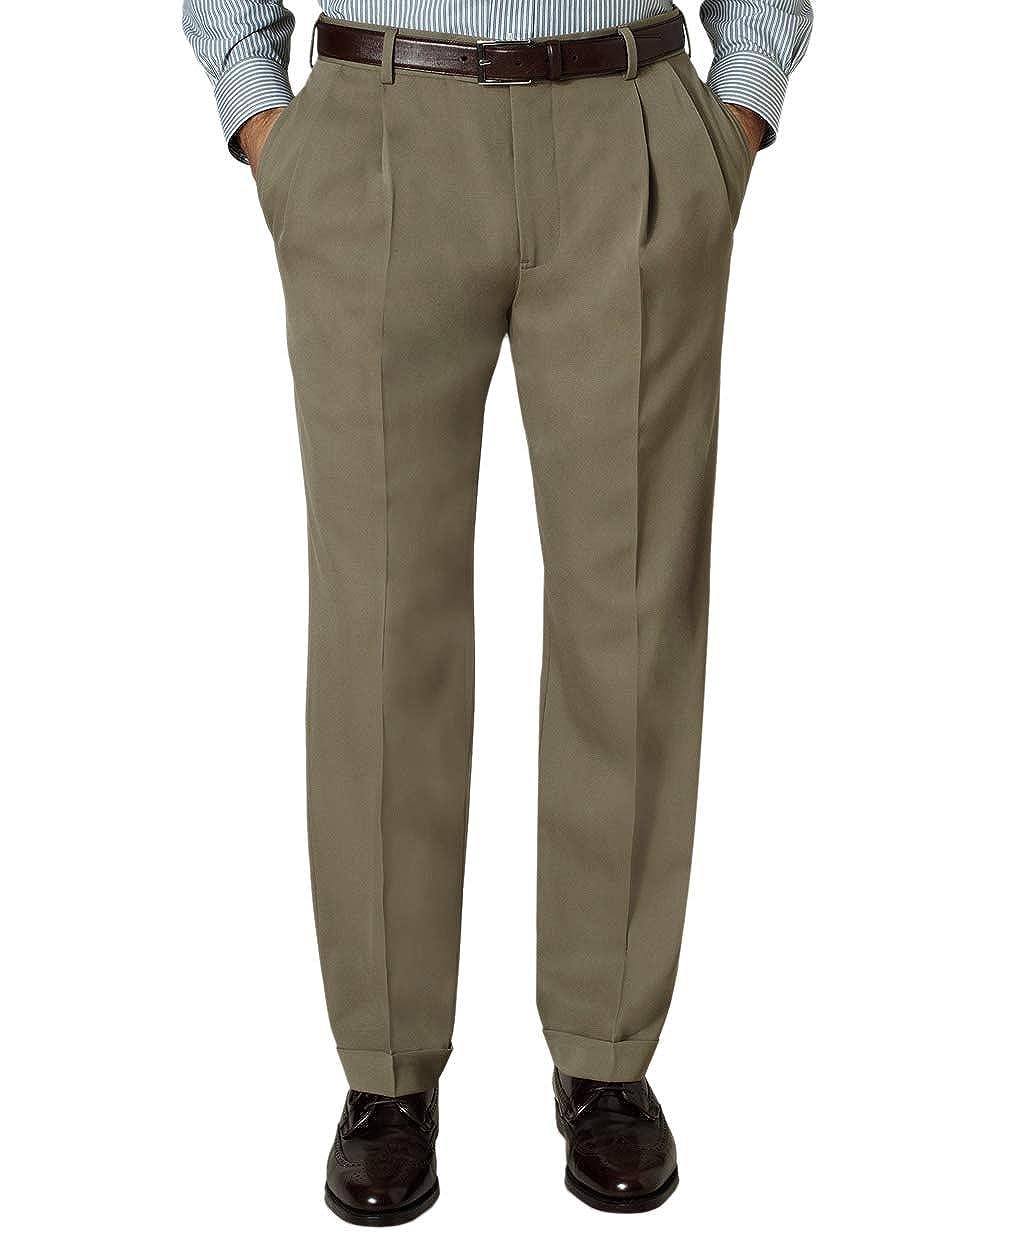 Brooks Brothers 1818 Mens Regent Fit Pleated Cuffed Hem 100/% Wool Lightweight Dress Pants Brittish Tan